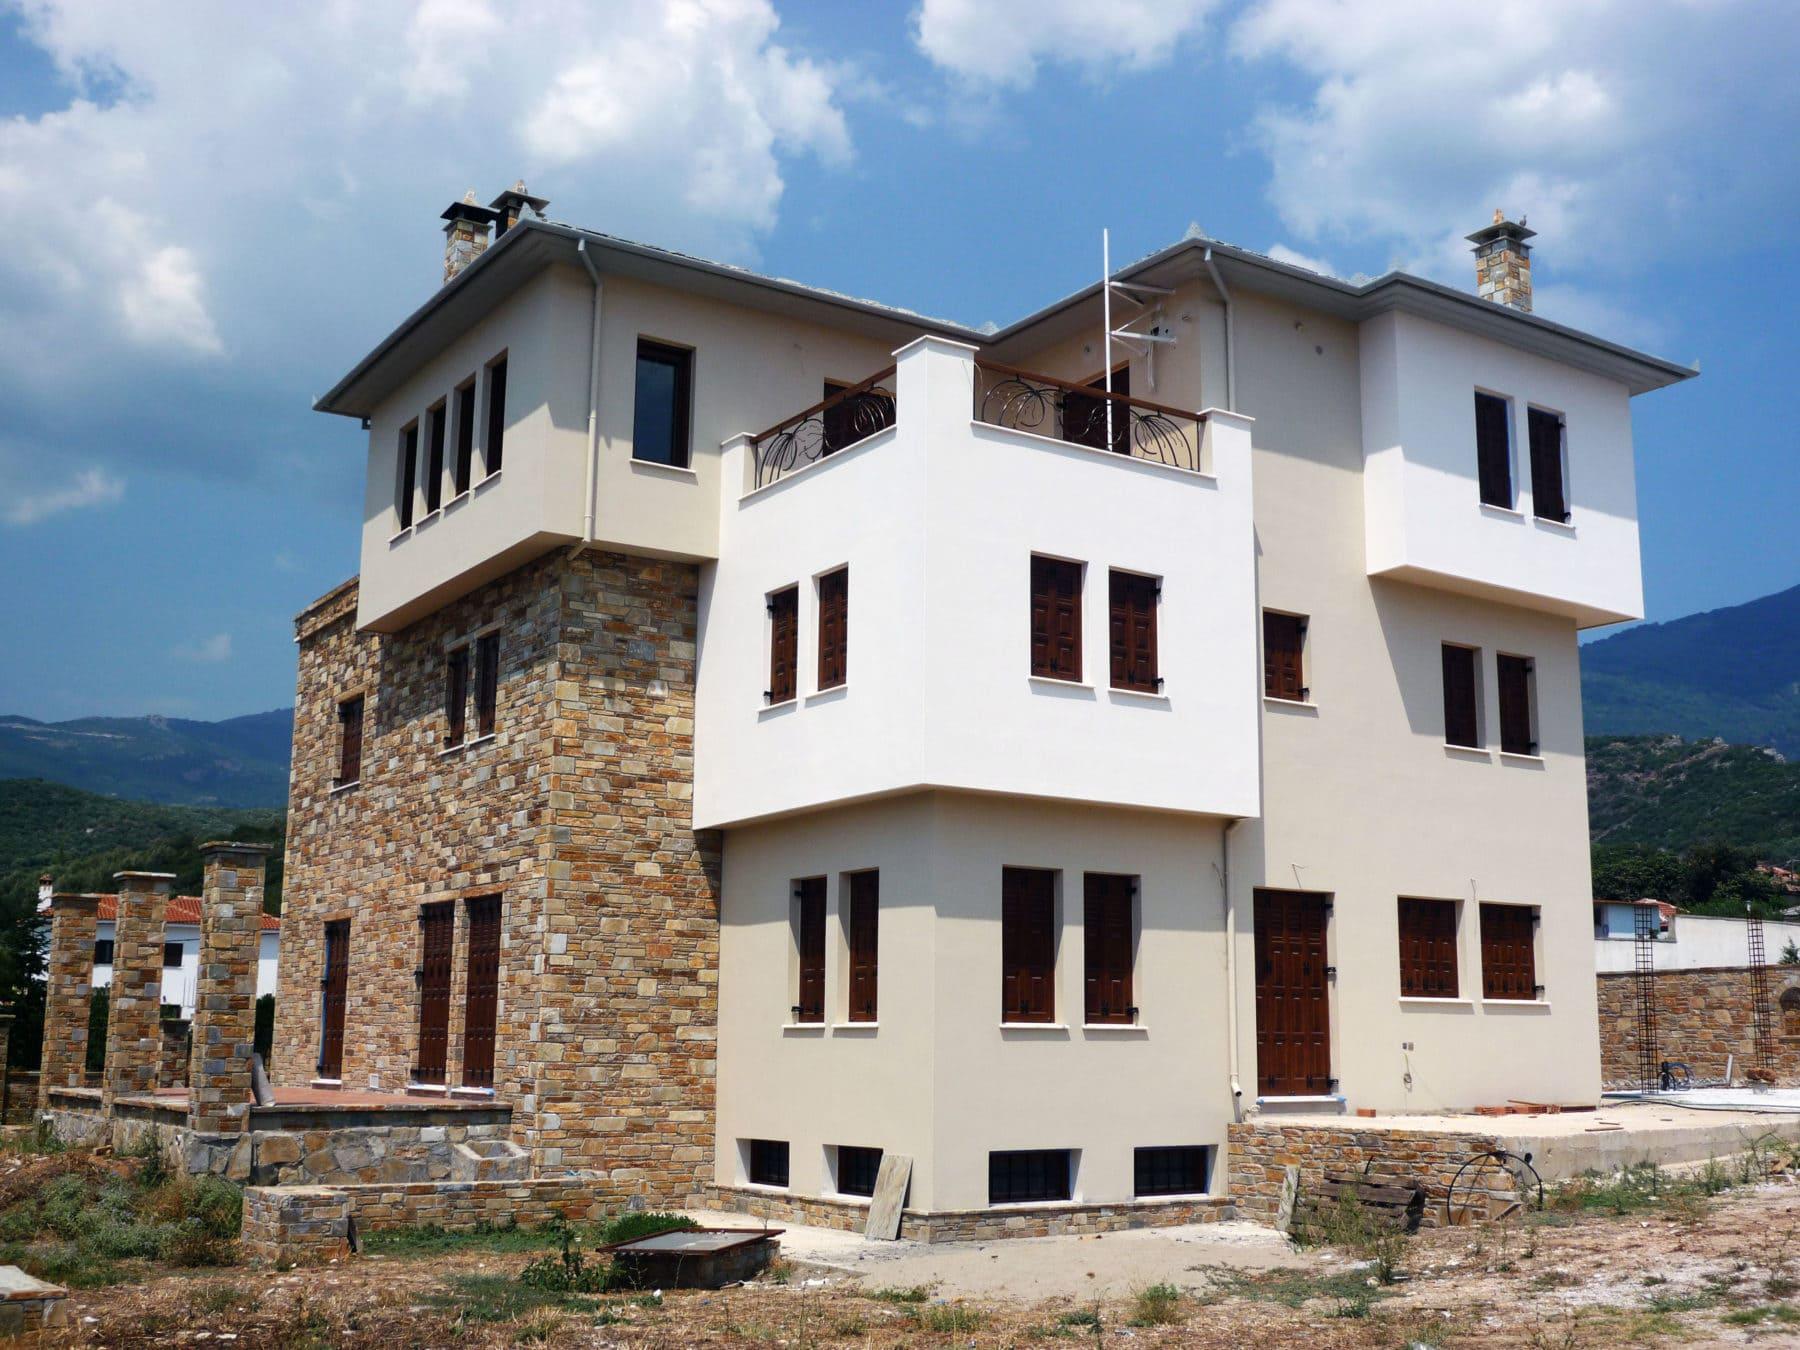 κατοικία με κουφώματα Athos και υποδομή για πέργκολες